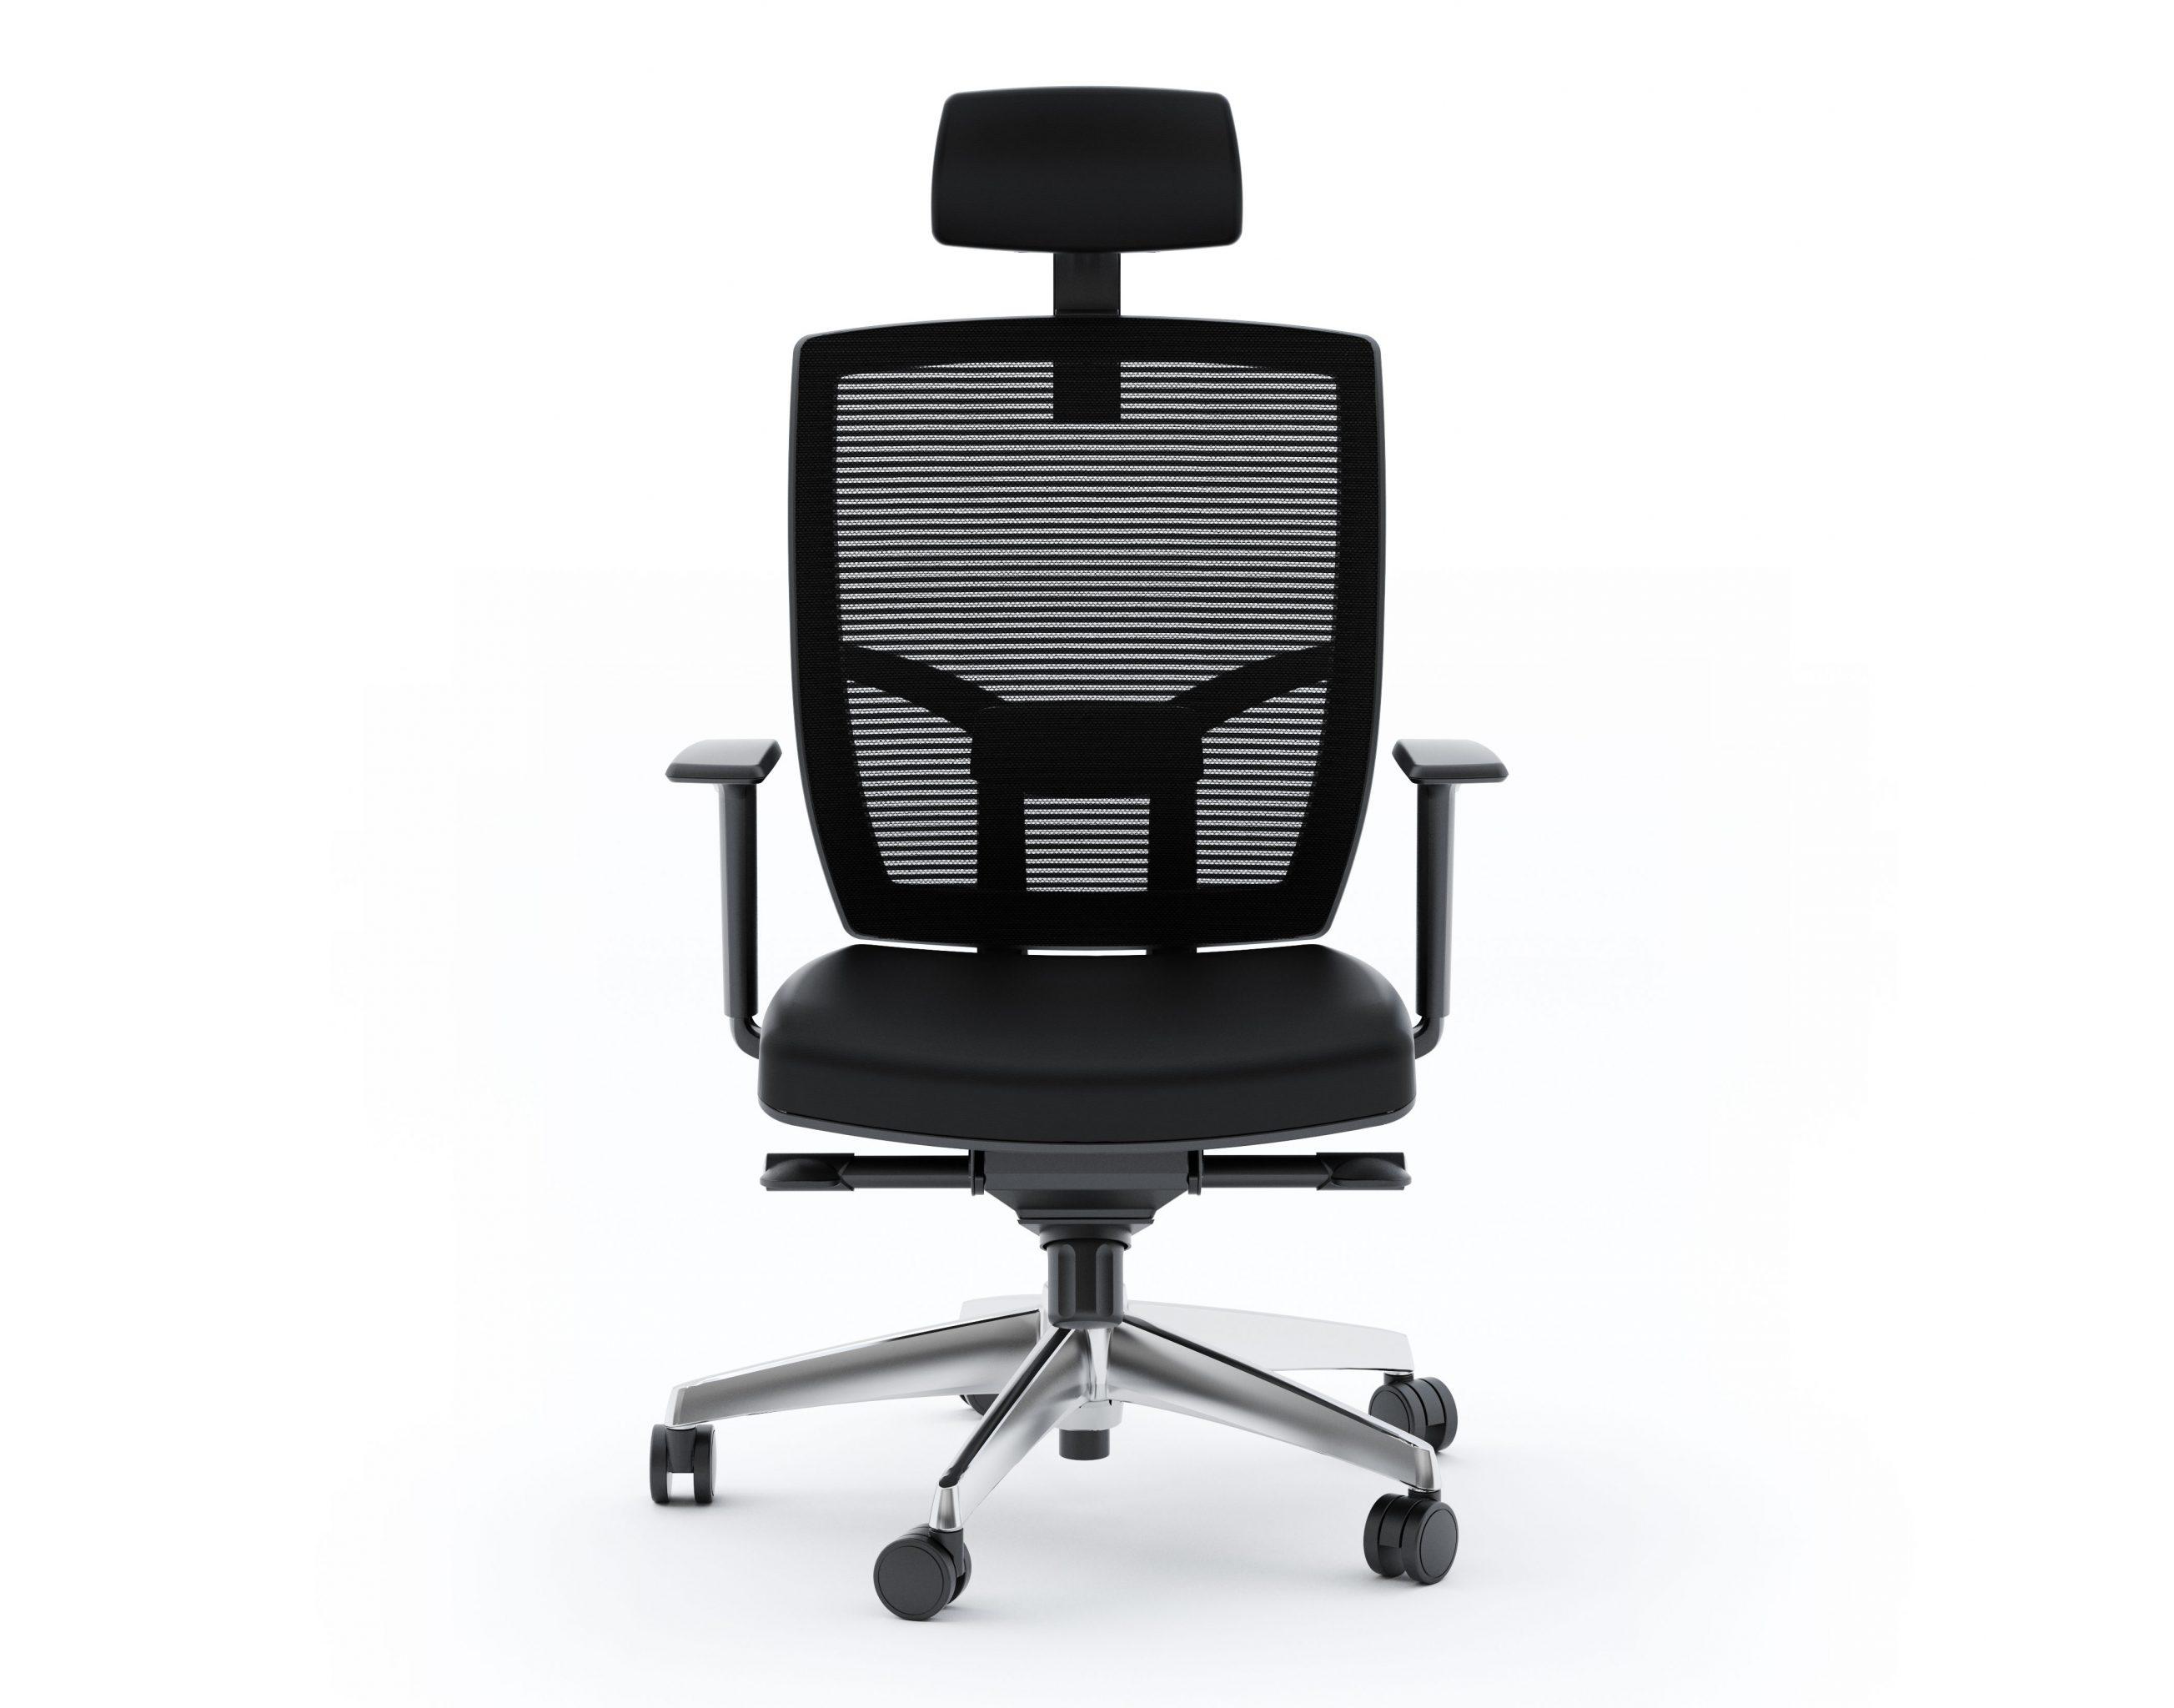 tc-223-office-chair-bdi-223dhl-black-2